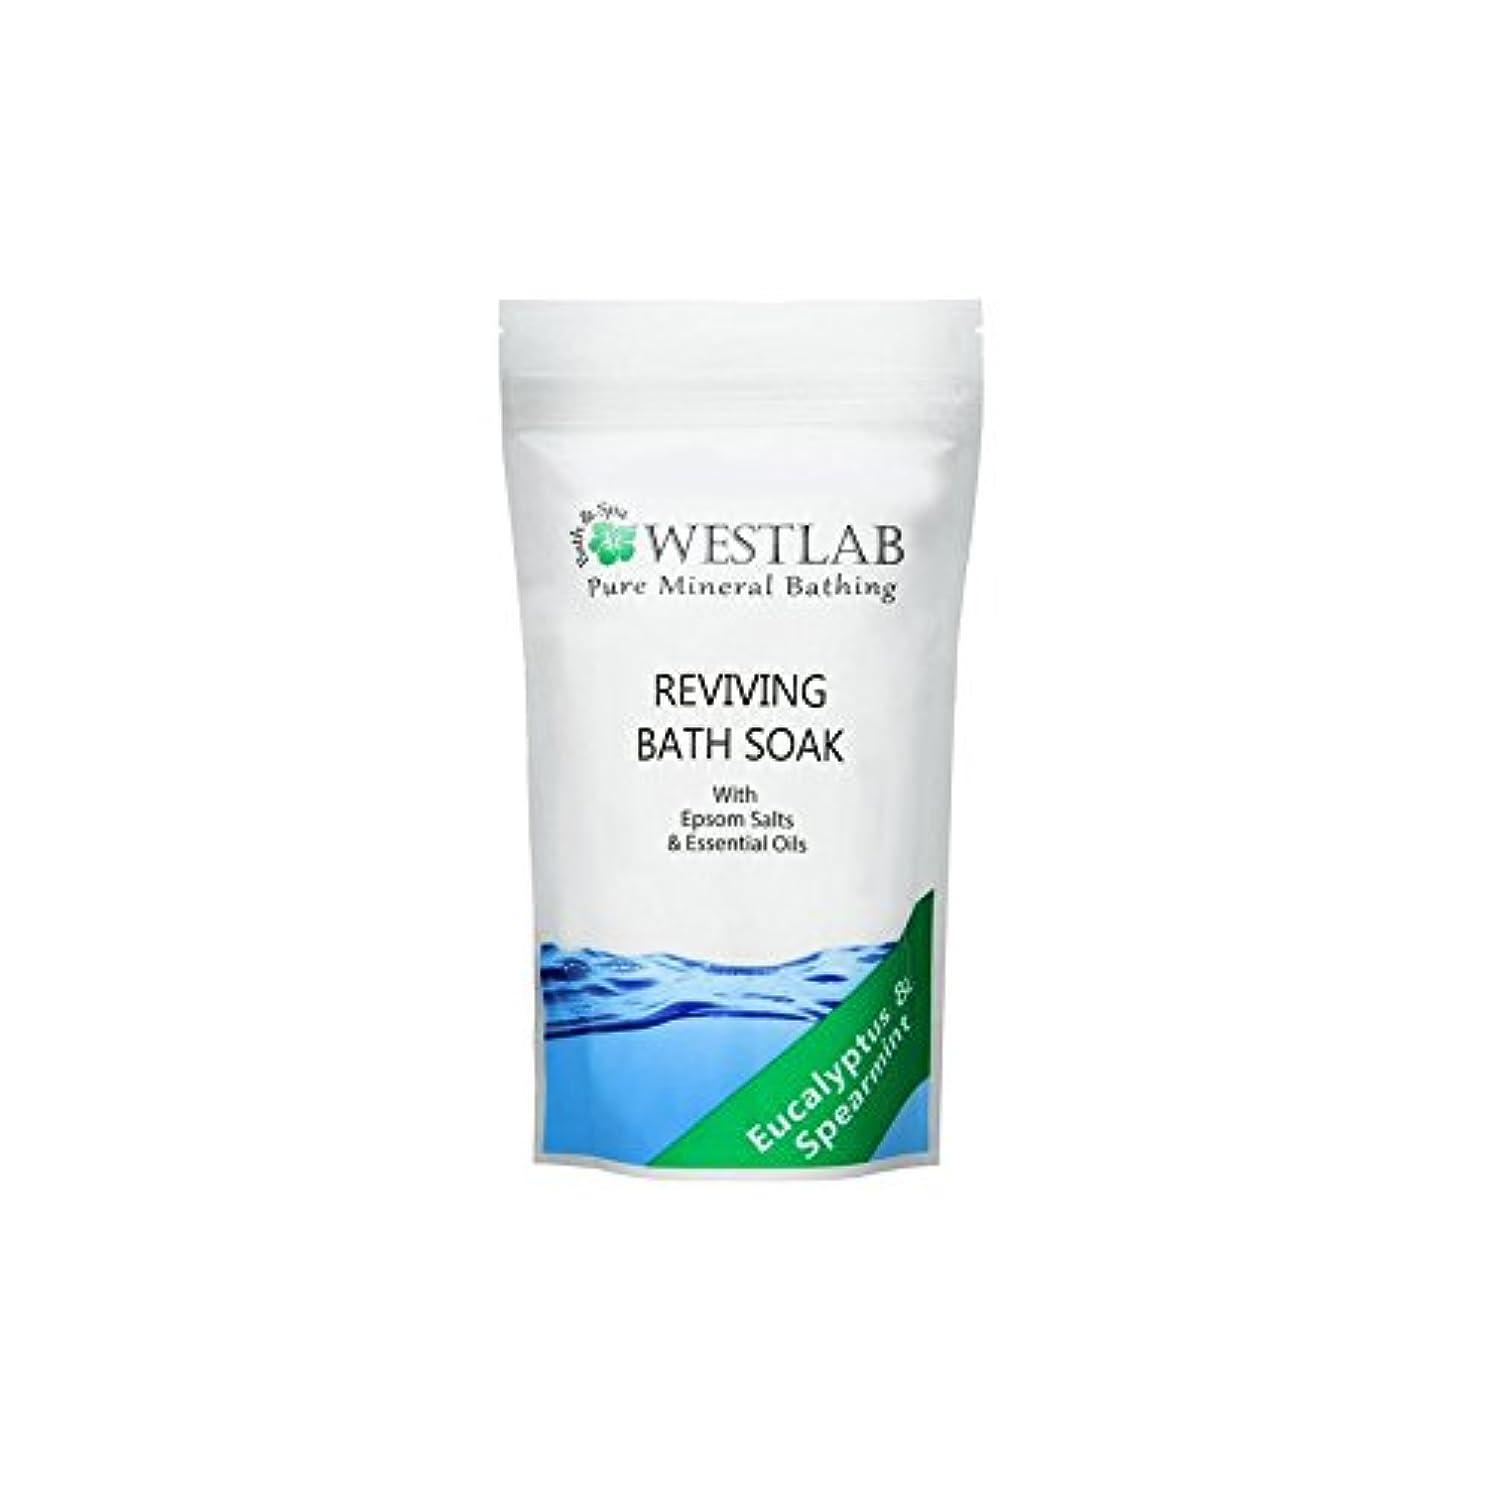 アコー養うフォーラム(500グラム)をソークエプソム塩浴を復活させます x4 - Westlab Revive Epsom Salt Bath Soak (500g) (Pack of 4) [並行輸入品]